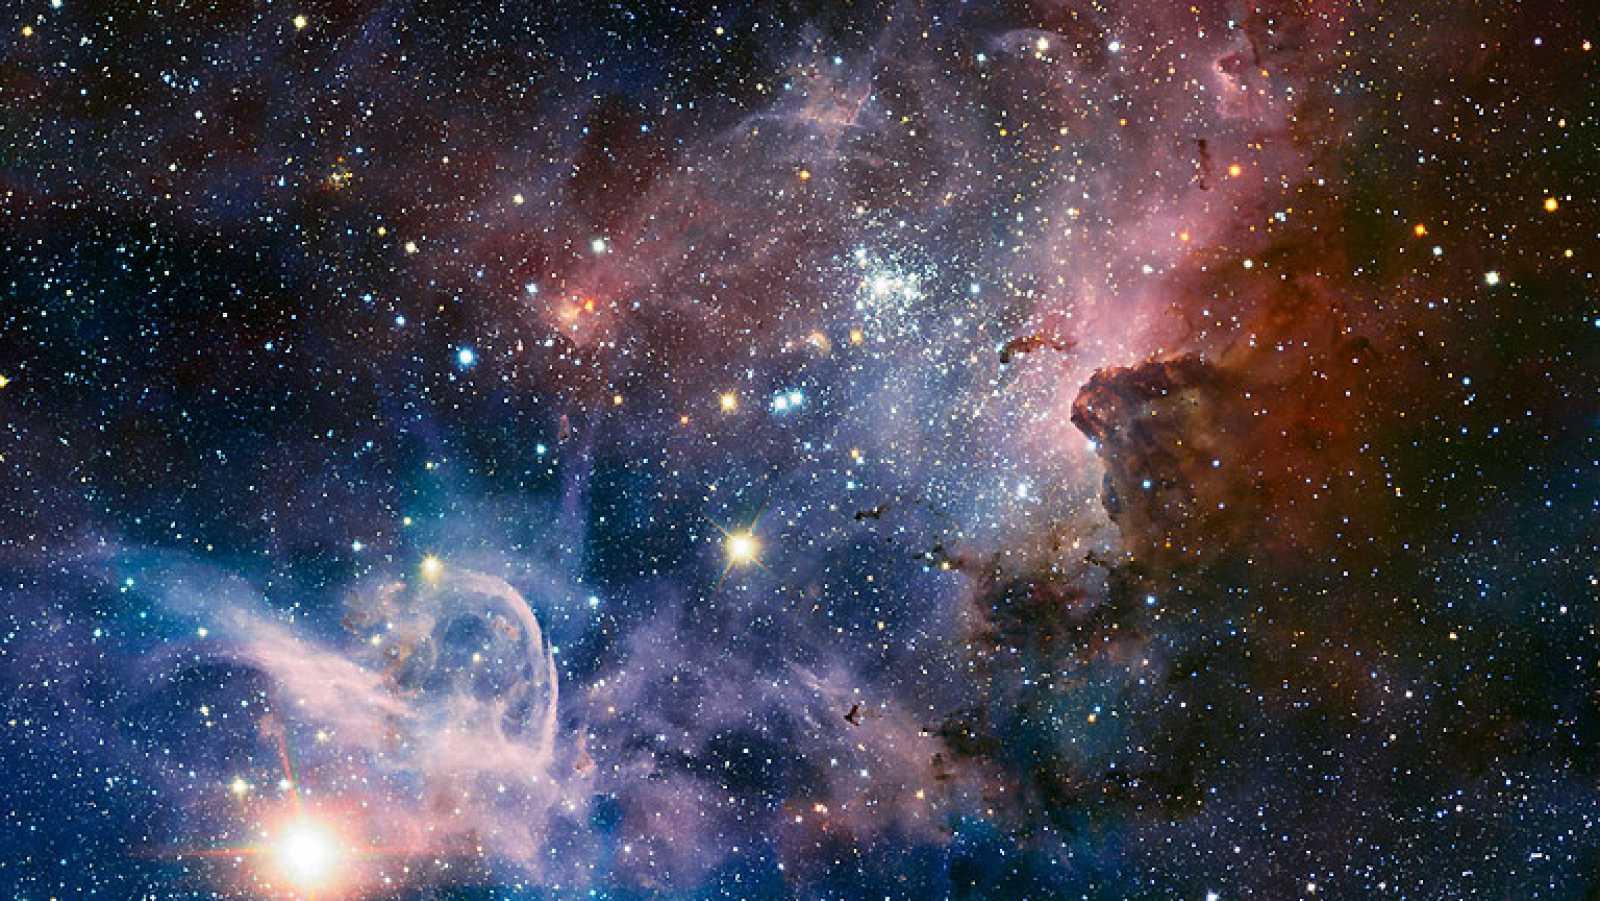 Detalles nunca visto de la Nebulosa de Carina, una 'guardería' estelar